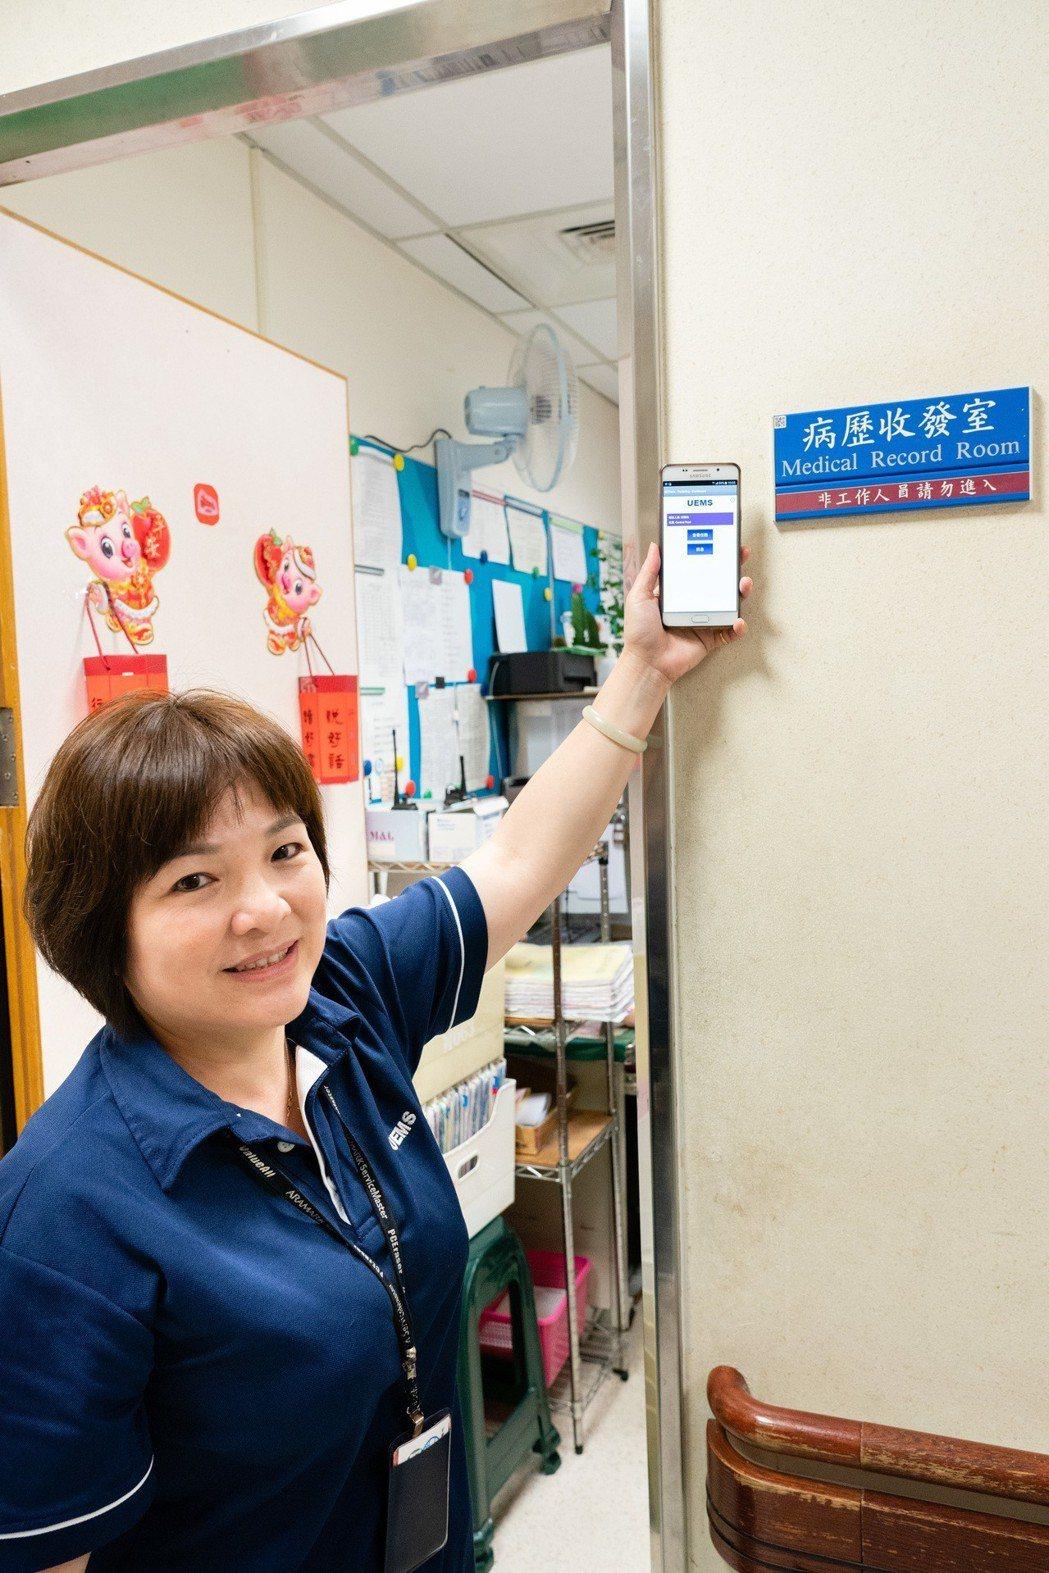 威合威務恩主公醫院現場-傳送主管 邱寶珠說:我們從對講機通訊時代提昇到智慧化派工...